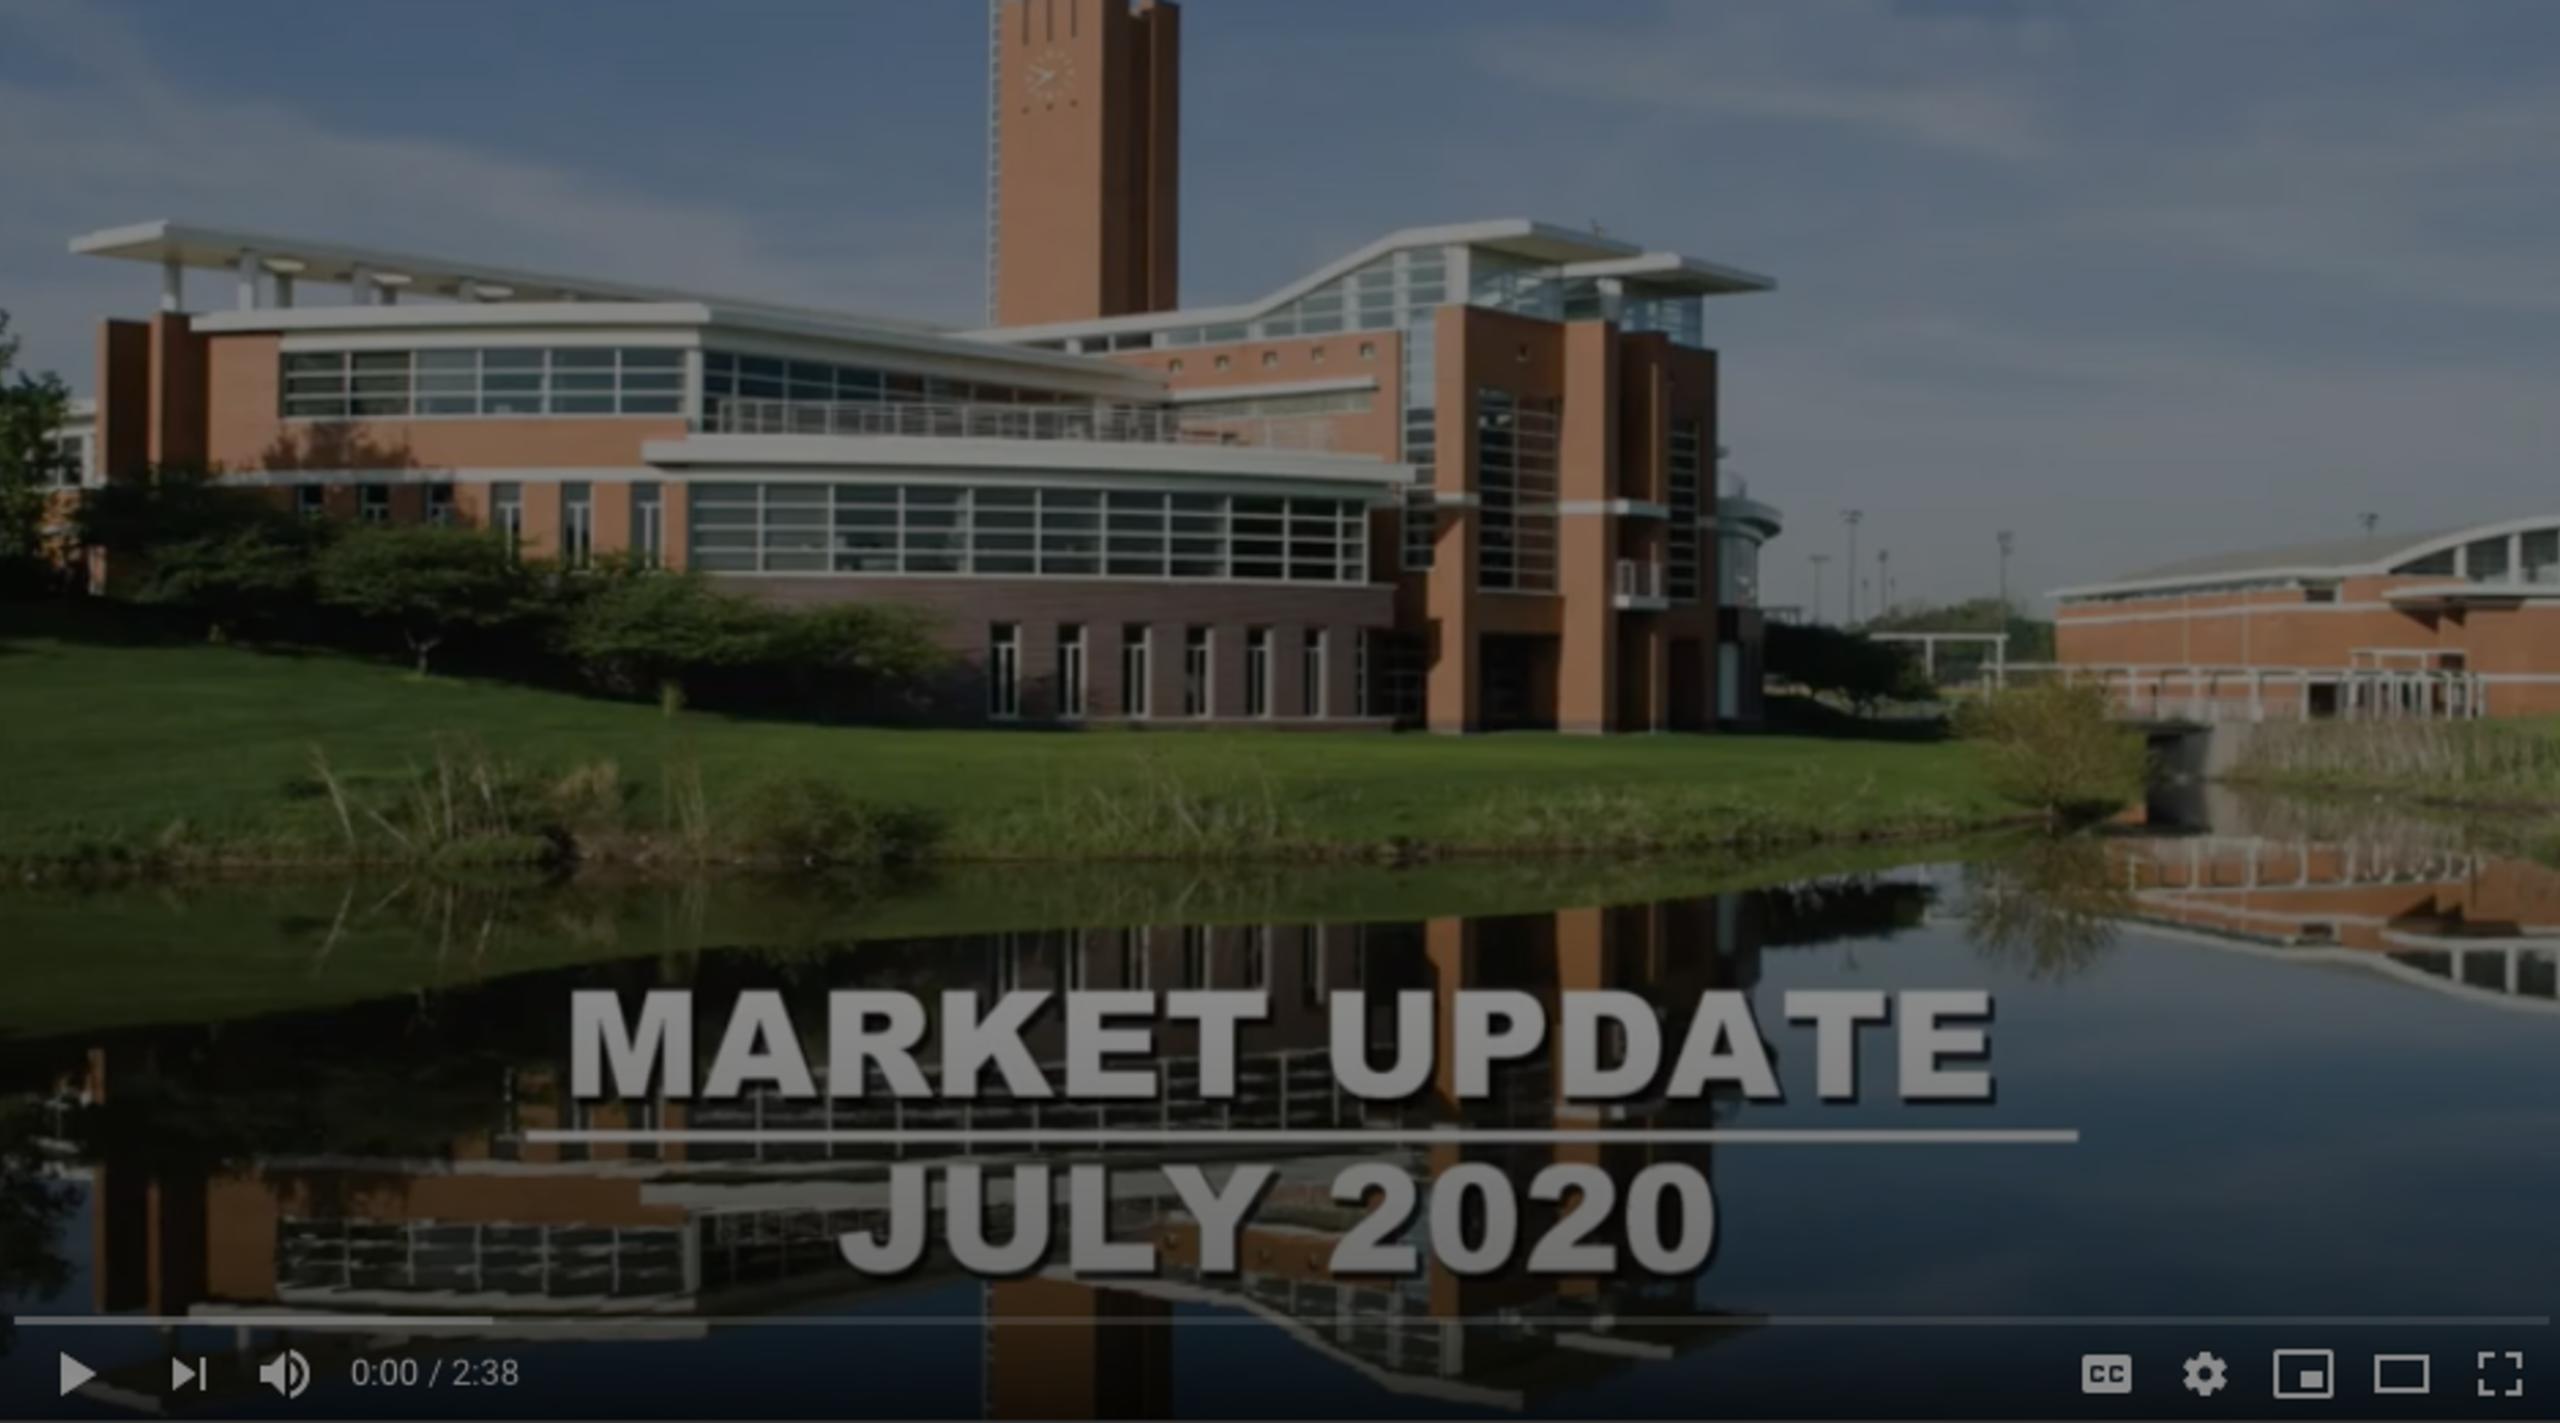 Orland Park Real Estate Market Update for July 2020